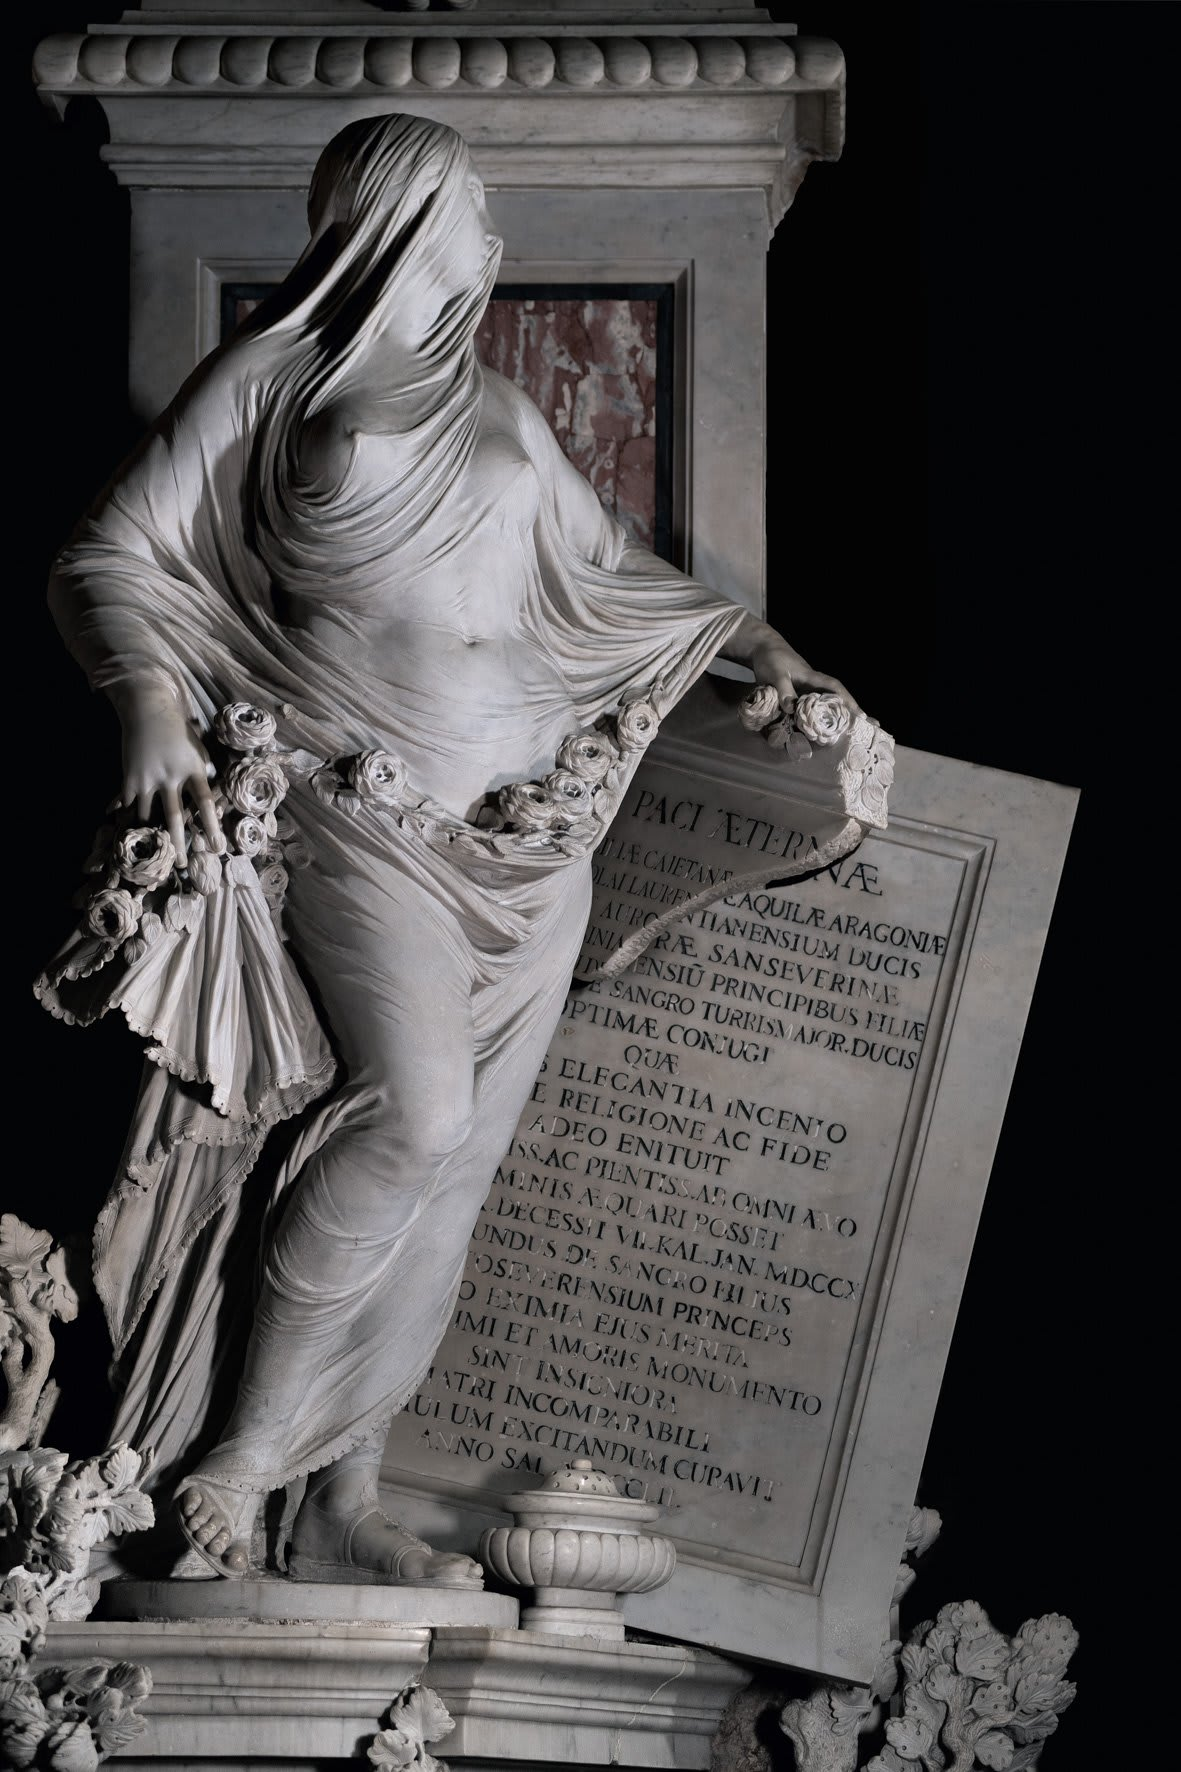 Mais uma vez uma mulher nuca coberta dos pés à cabeça com o que parece ser um véu. Desta vez, a obra tem mais detalhes, parecendo ainda mais real.